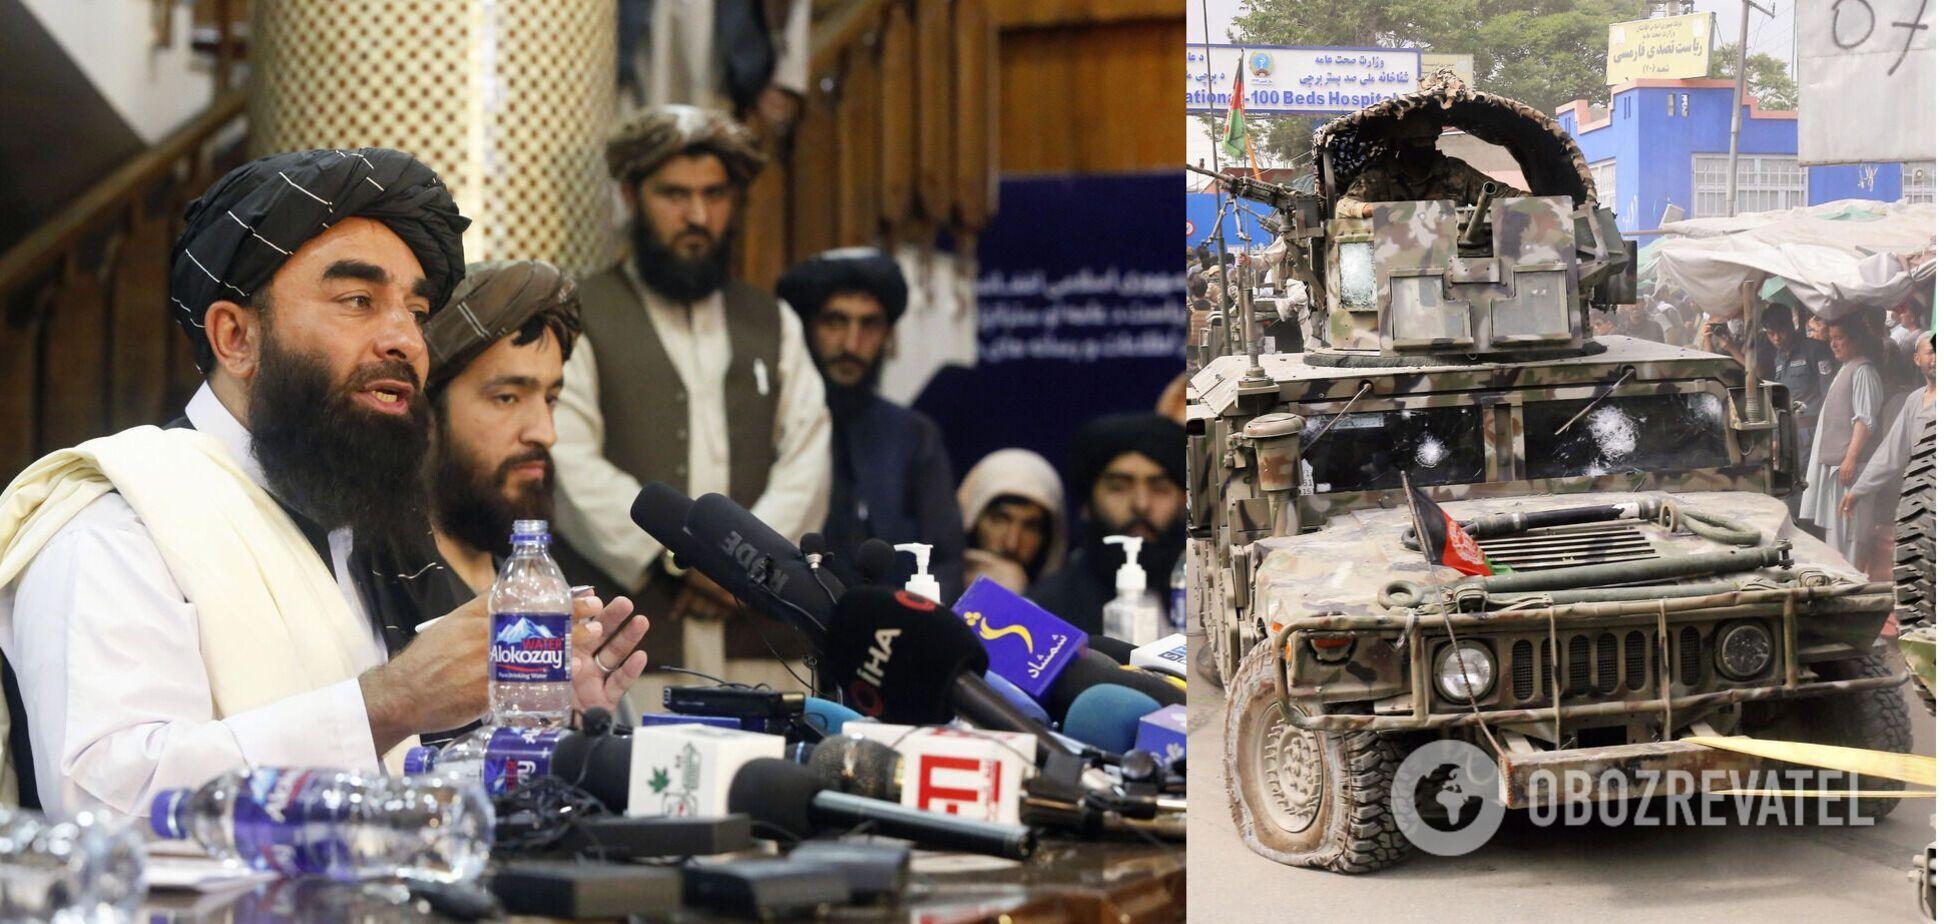 Будет ли Талибан совершать теракты: эксперт указал на важный нюанс